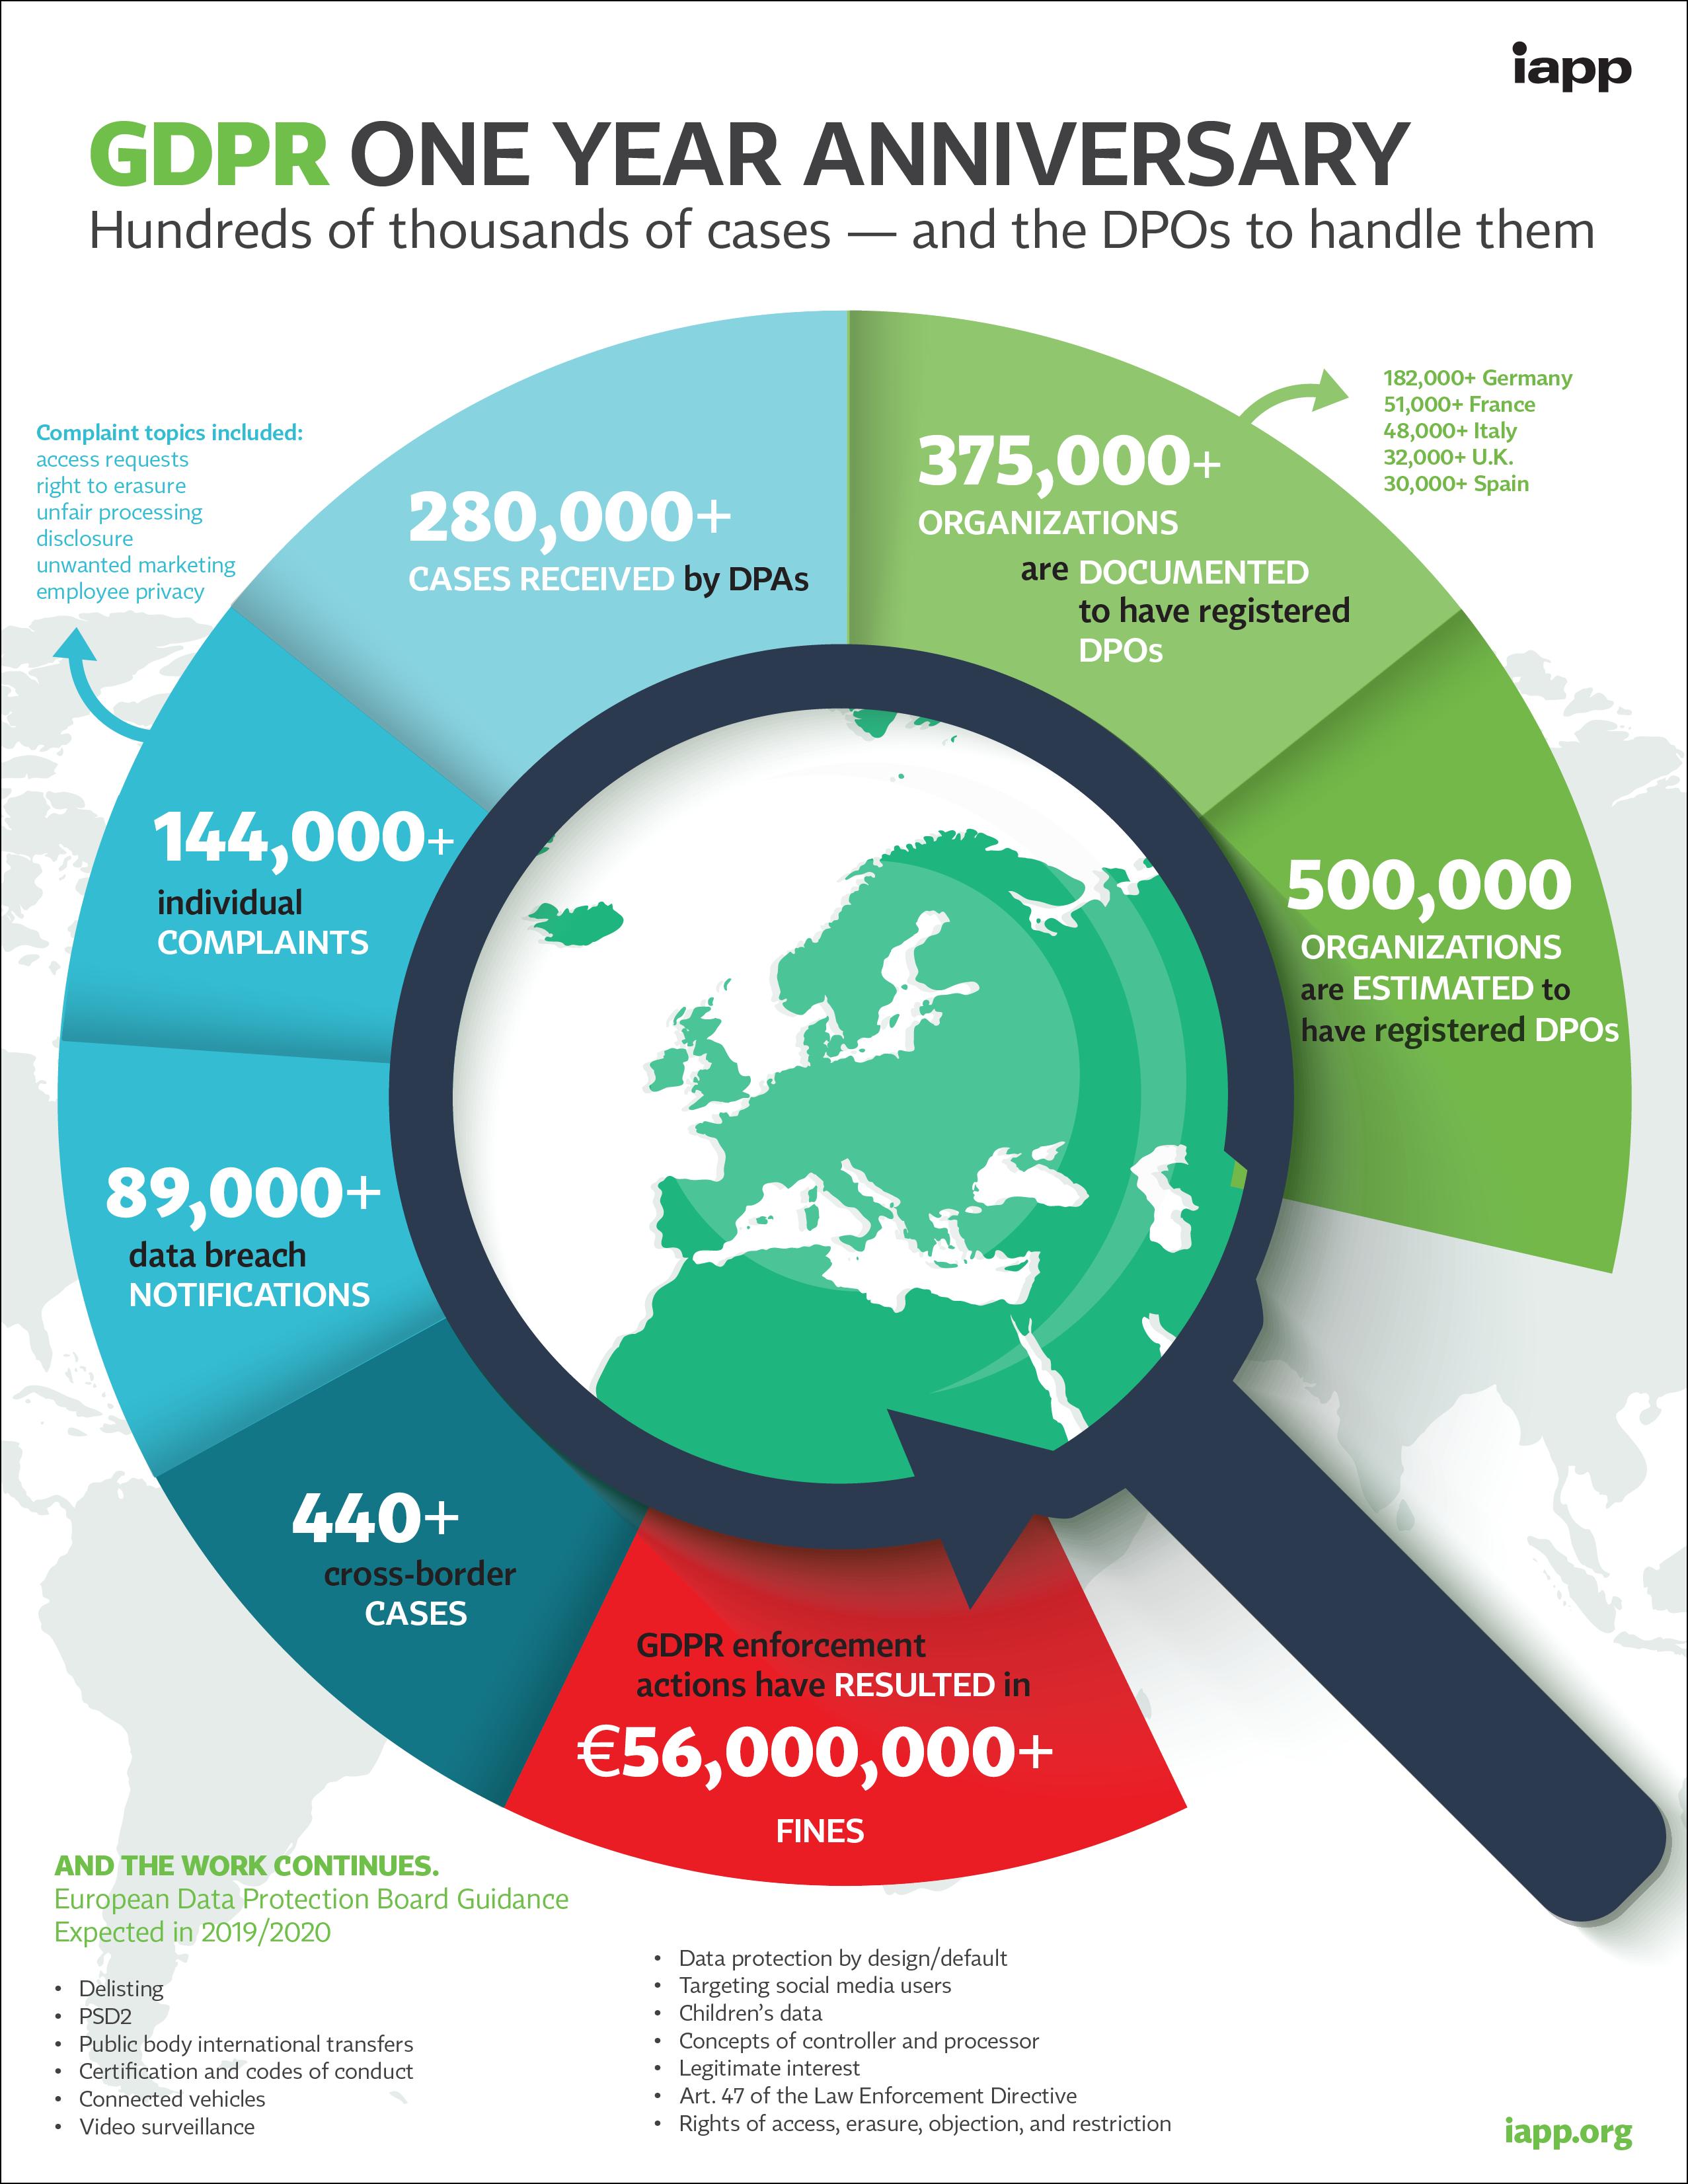 GDPR_Anniversary_Infographic-1